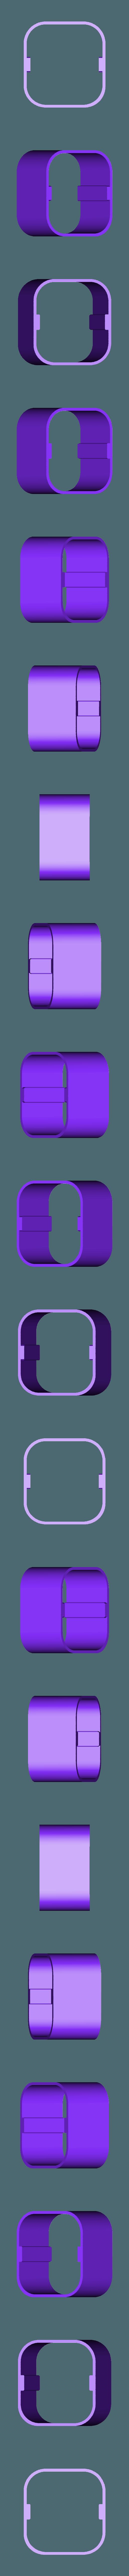 D-LI90_4_battery_tube_v1-0.STL Télécharger fichier STL gratuit Tube de batterie D-Li90 • Plan pour impression 3D, WalterHsiao